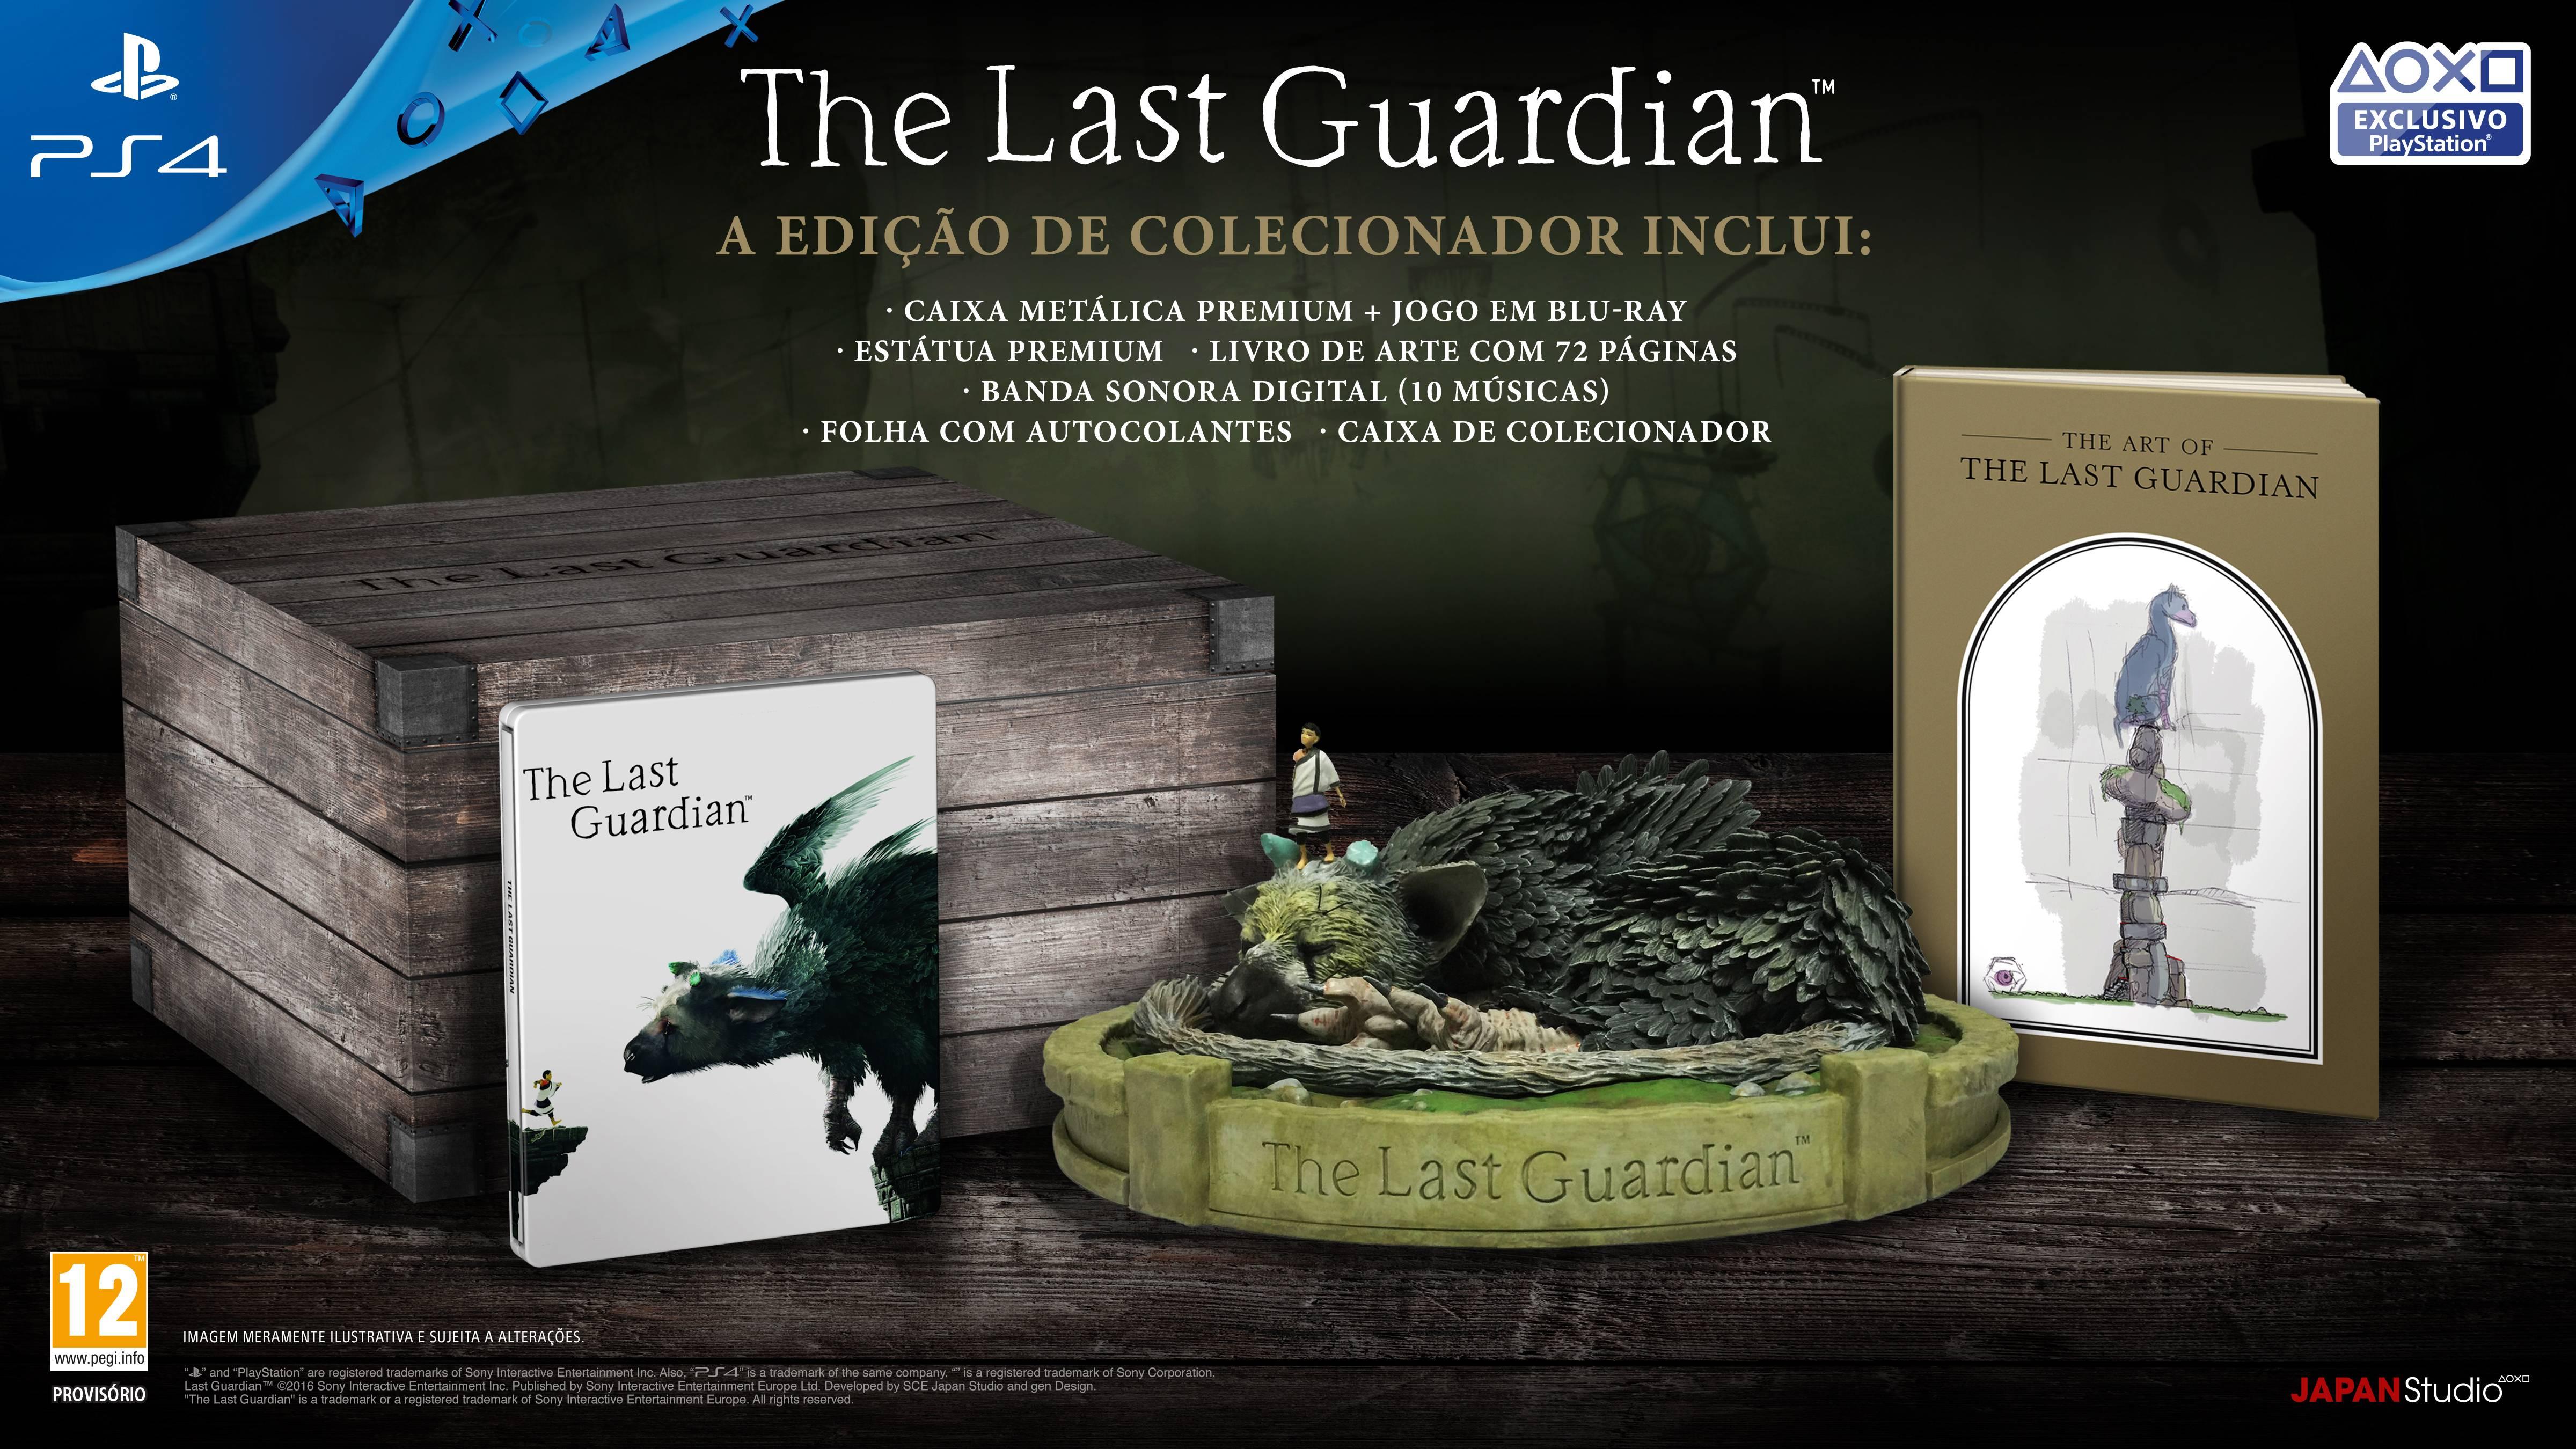 TLG edição colecionador